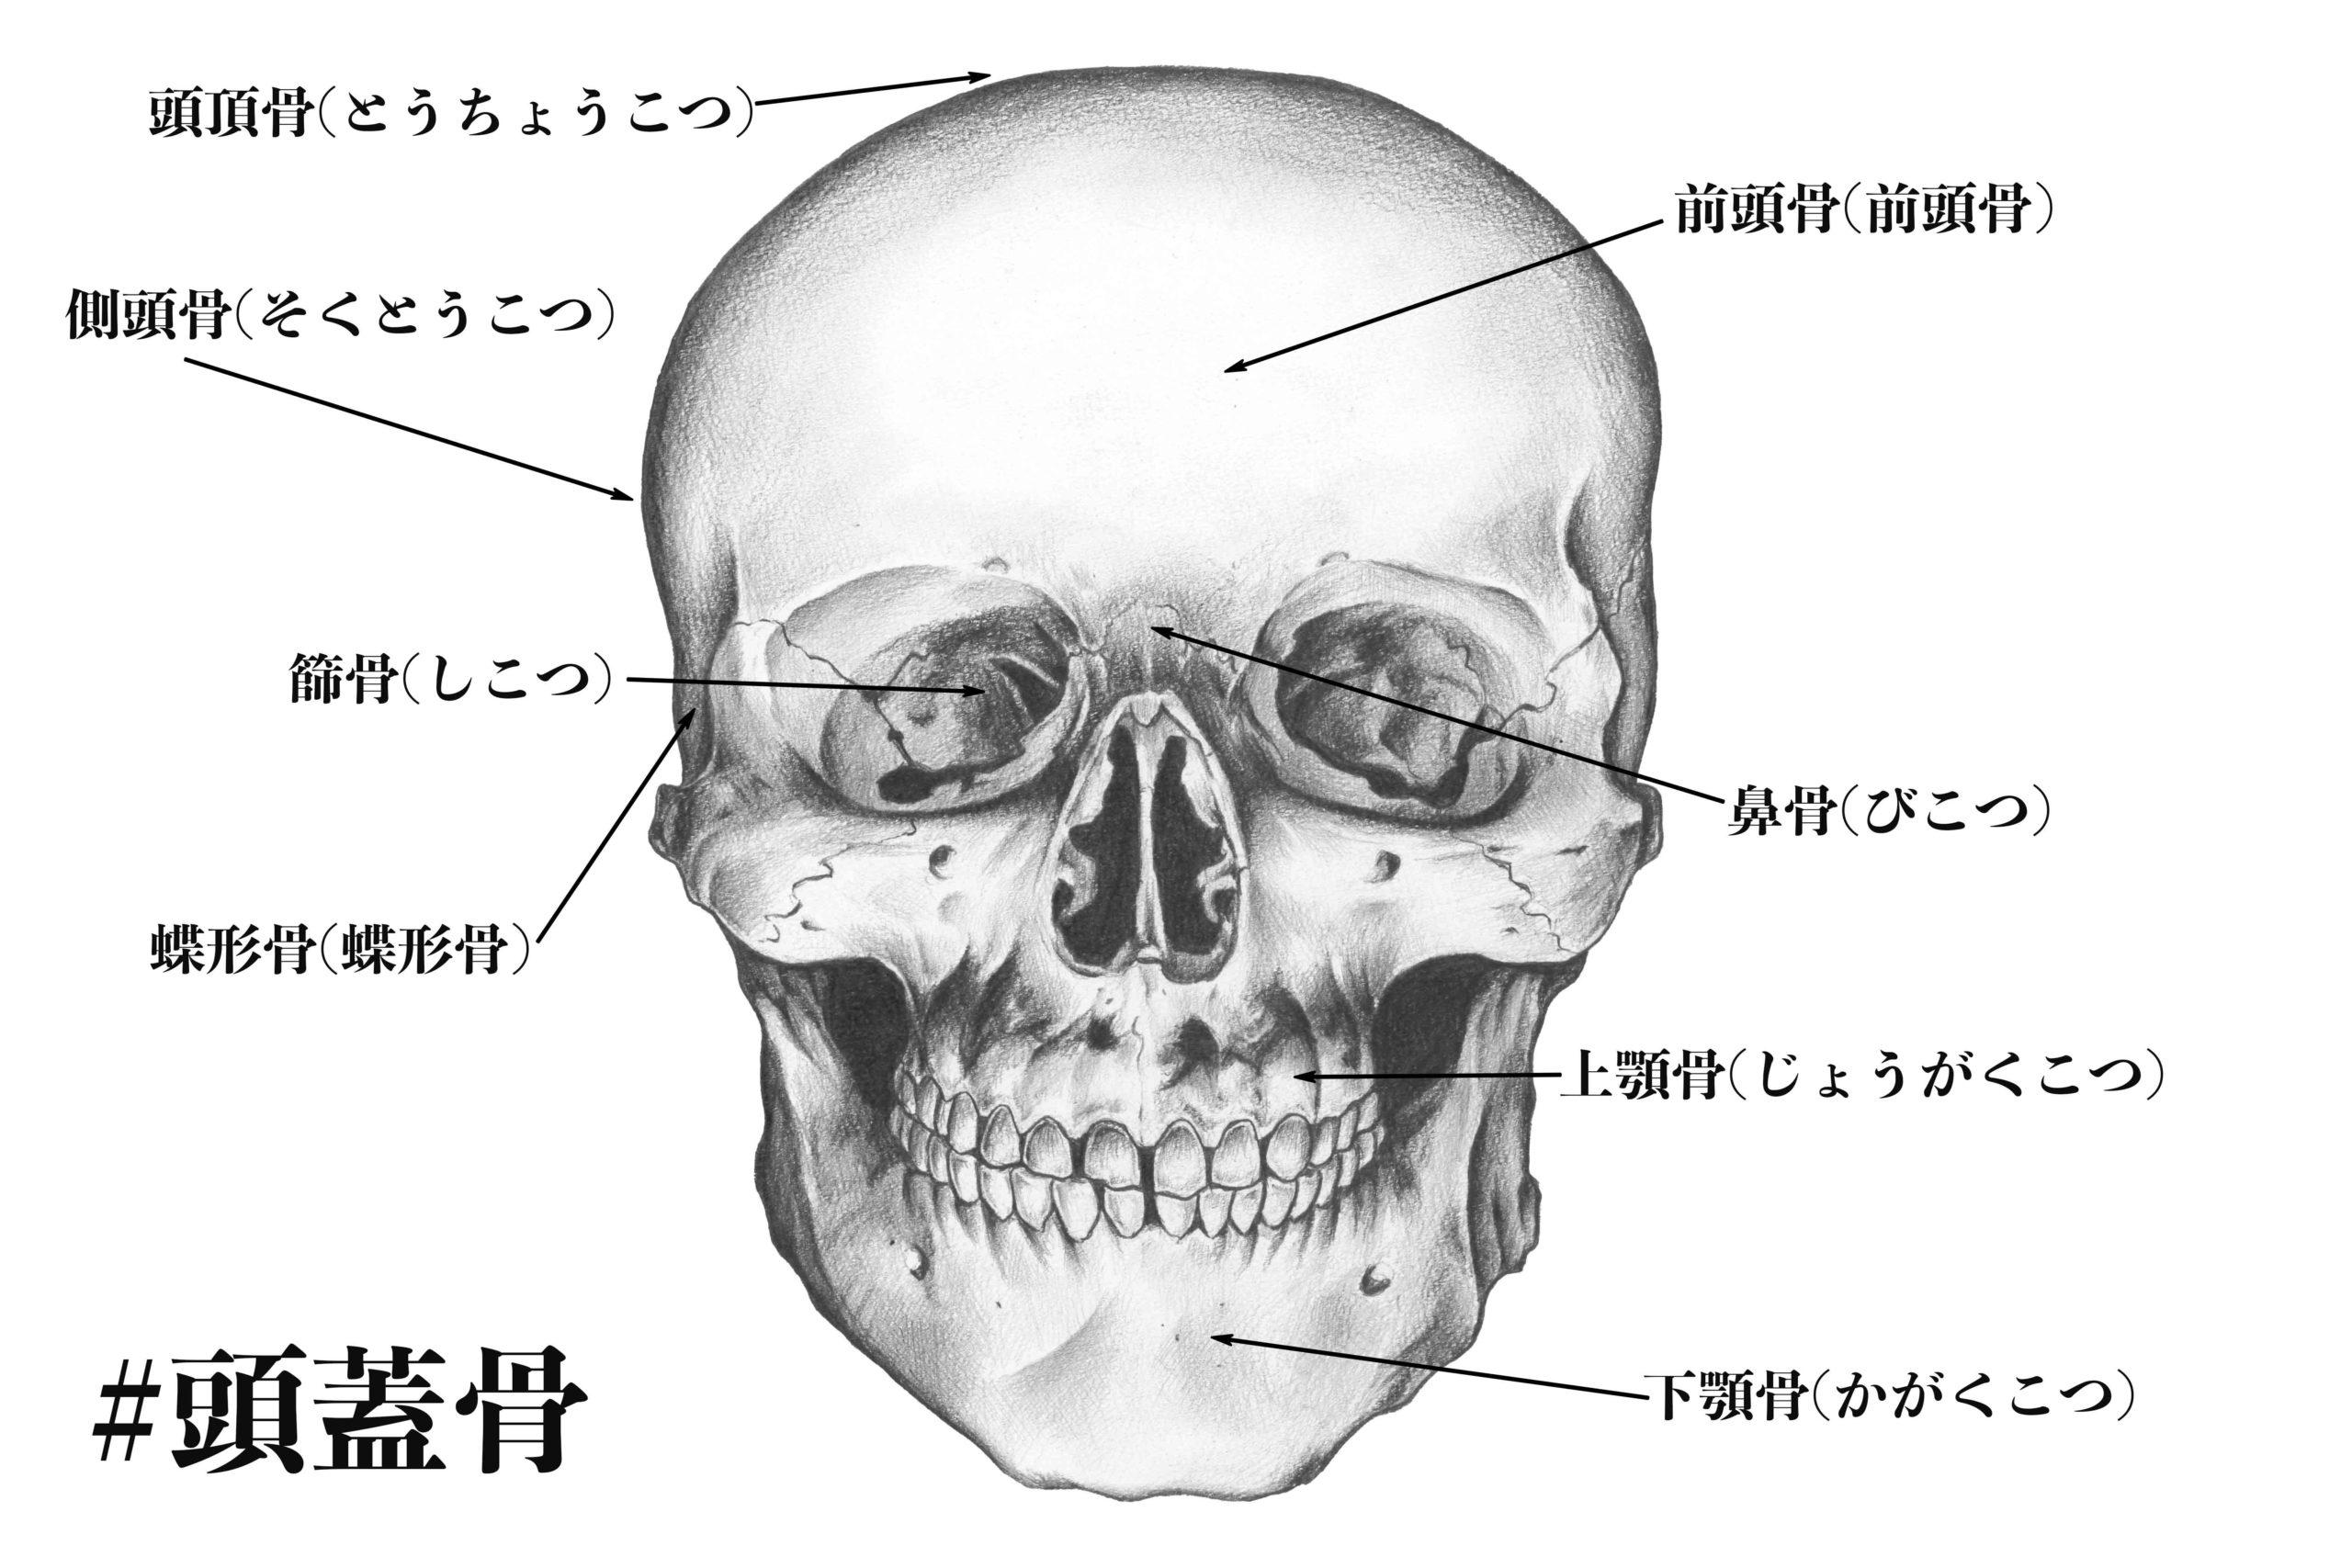 解剖学の勉強(頭蓋骨のスケッチ)